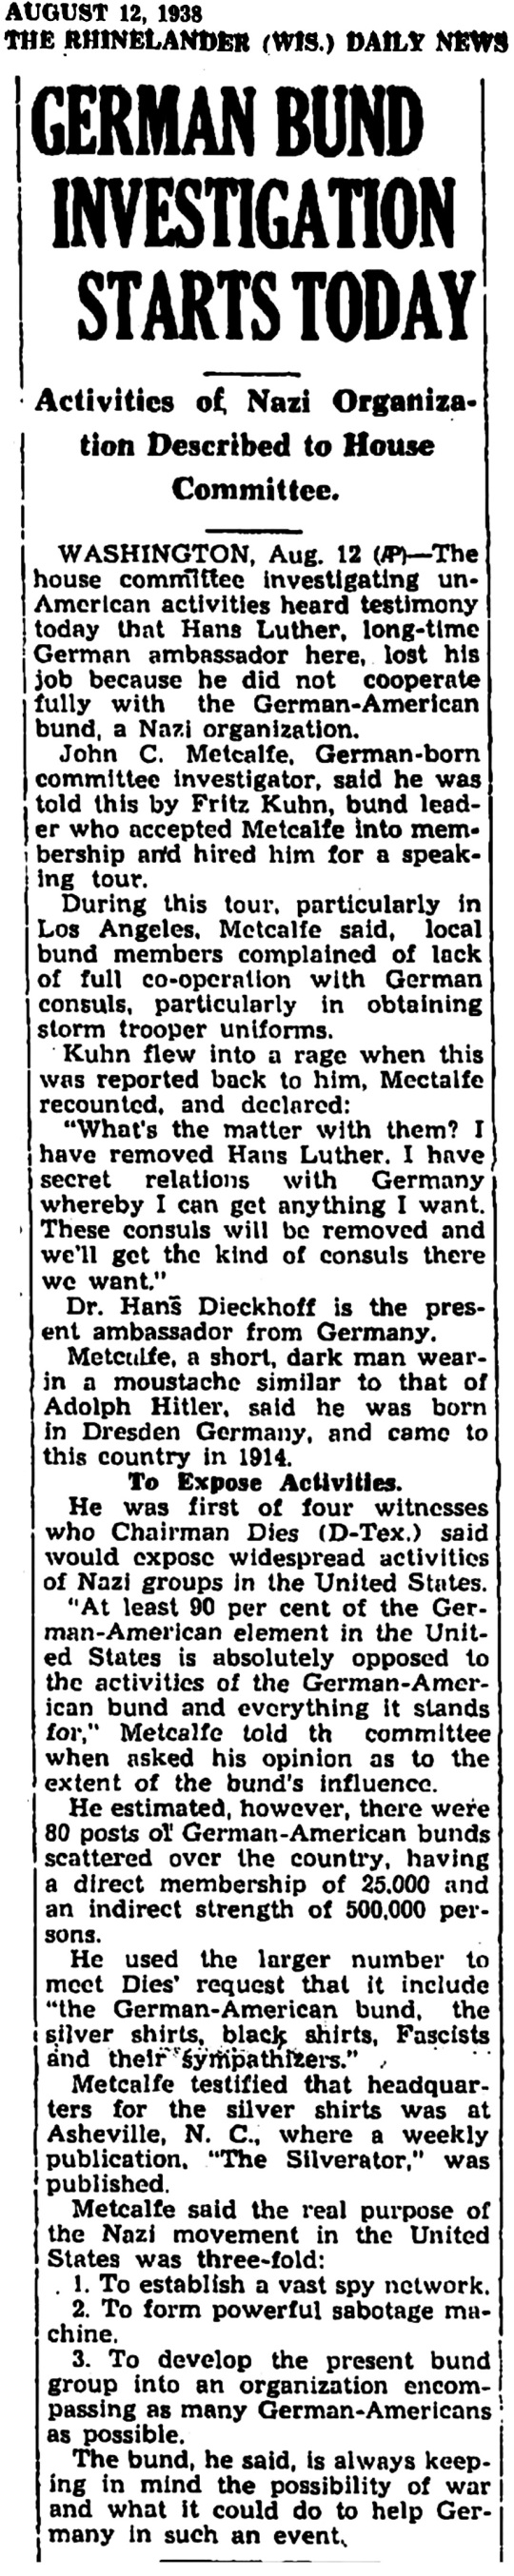 August 12 1938 German Bund